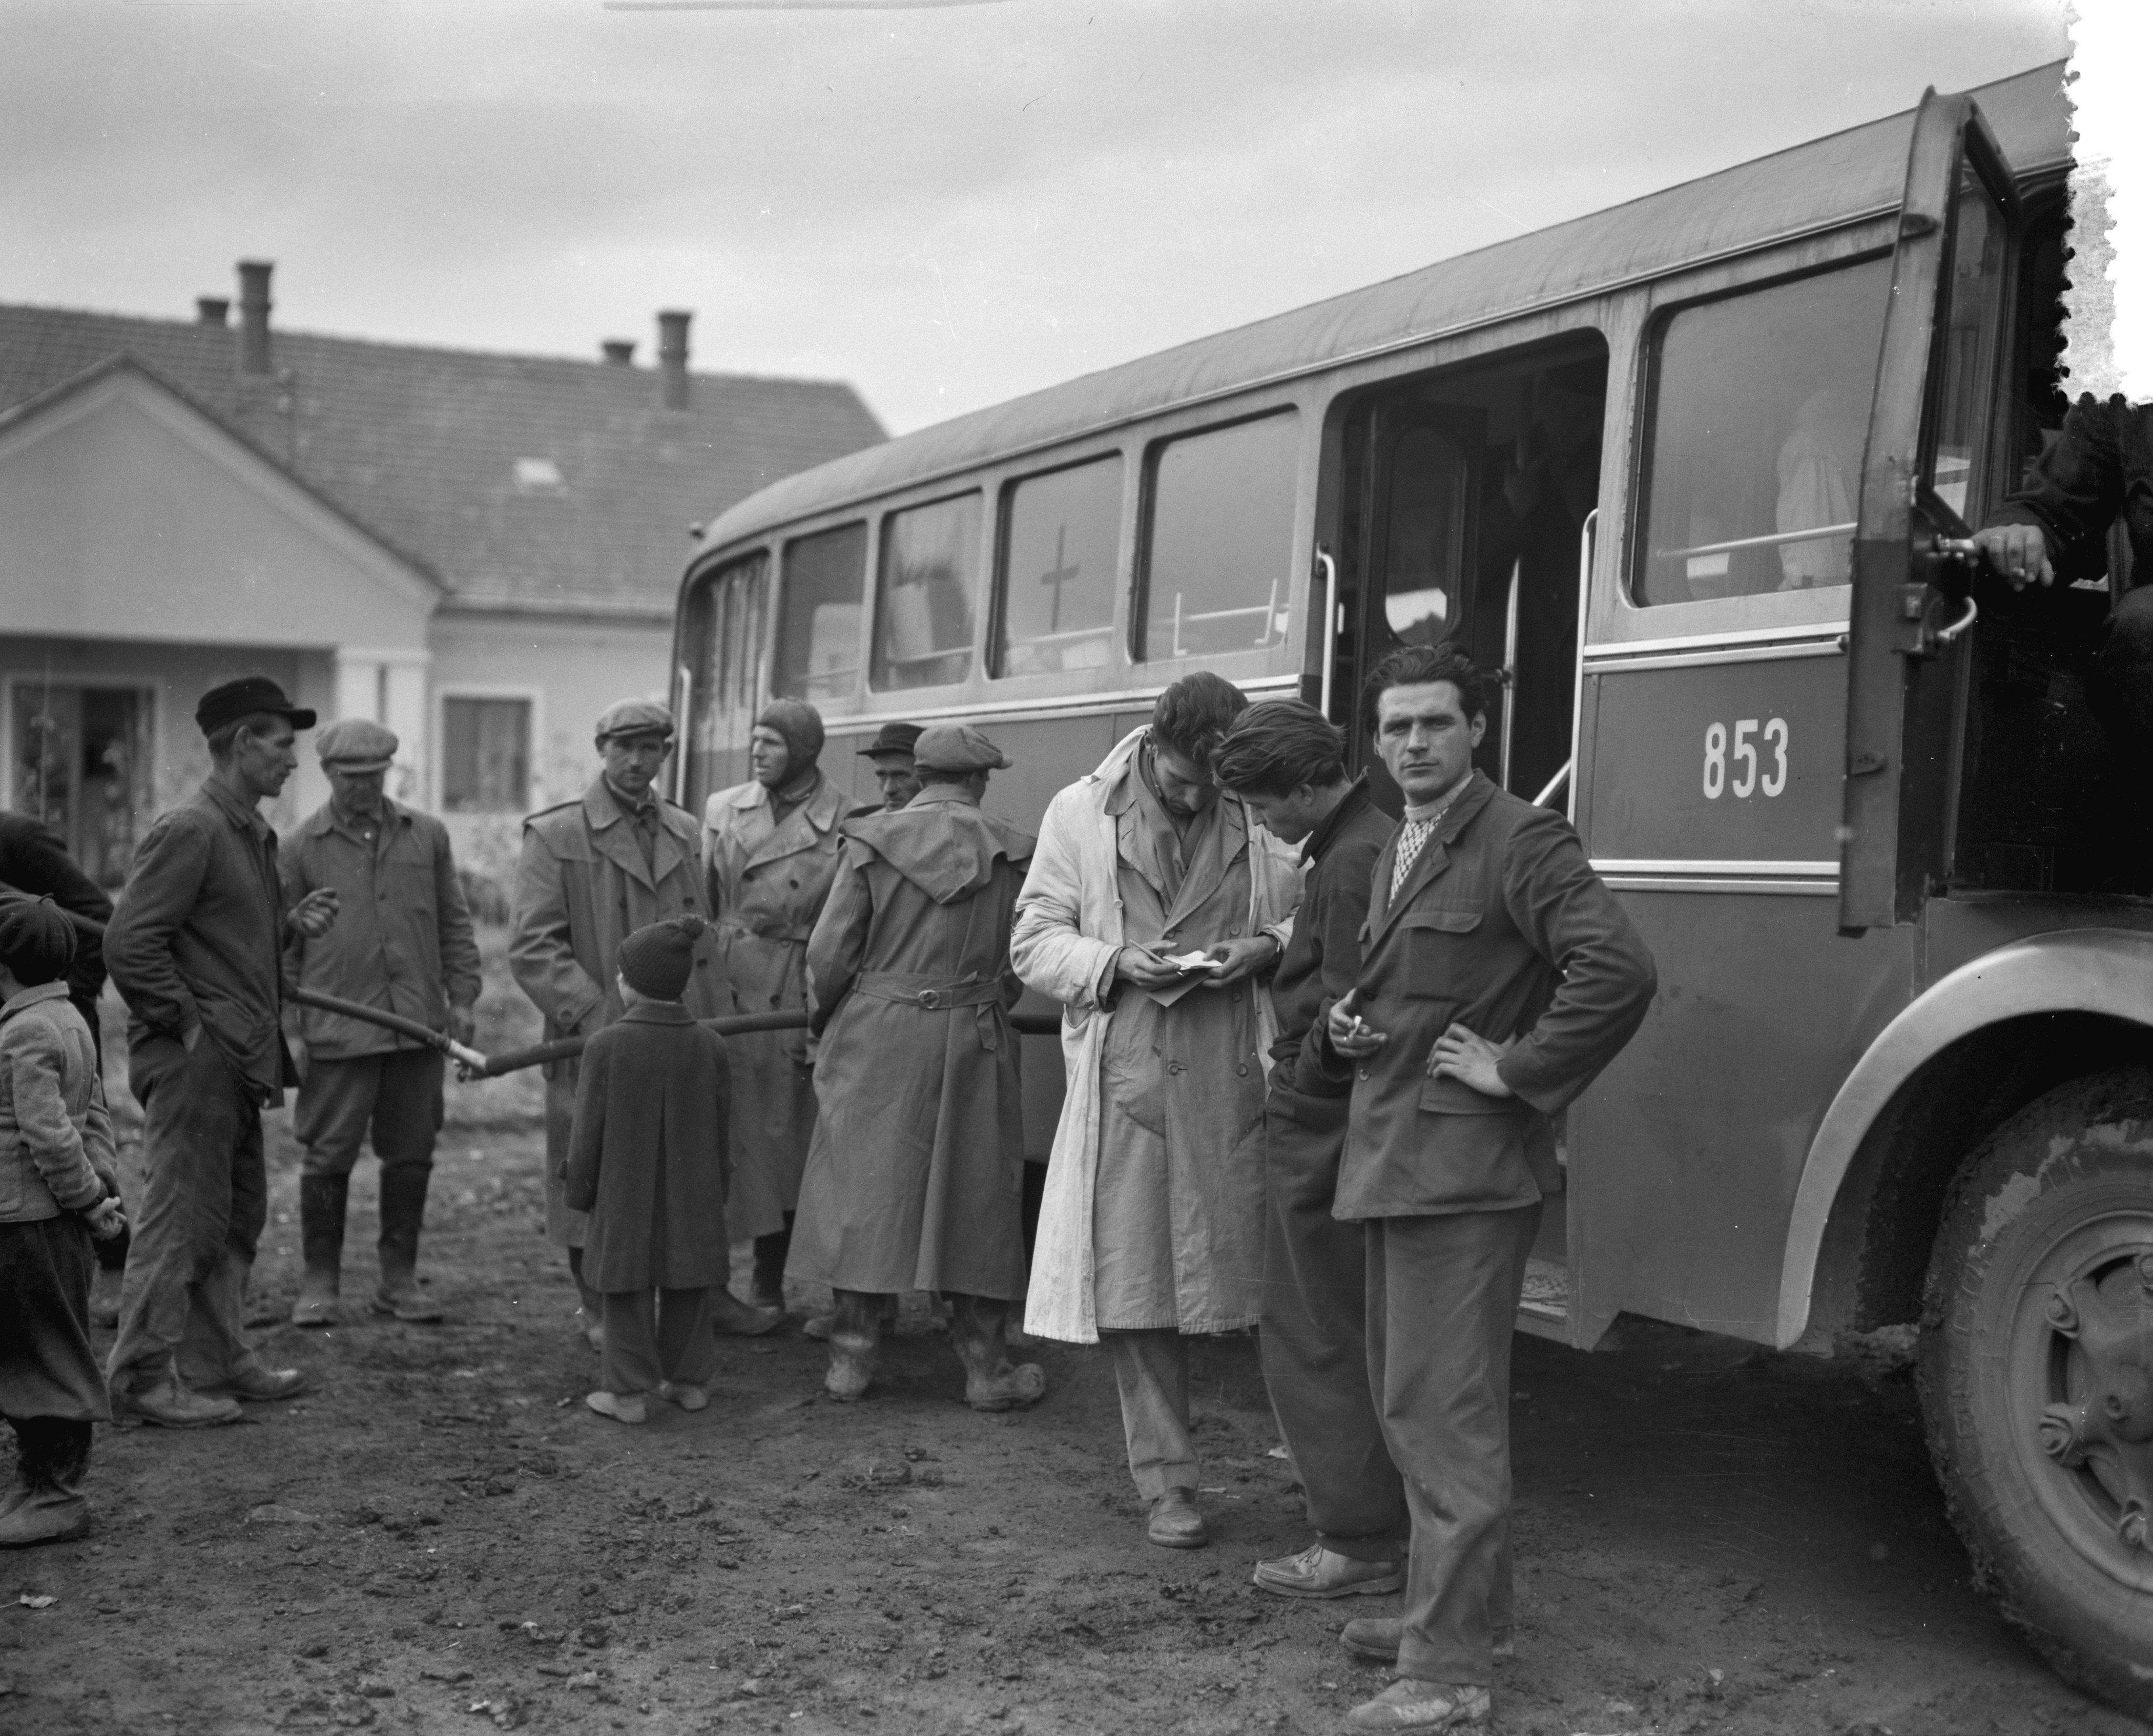 Utolsó képek Budapestről sorozat – a Vöröskereszt menekülteket szállító busza megáll tankolni, egy titkos állomáson, '56 november 2. Egy gyerek nézi, ahogy egy ismeretlen helyről egy megtört csőböl töltik az üzemenaygot. Fotó: Joop van Bilsen/ Anefo